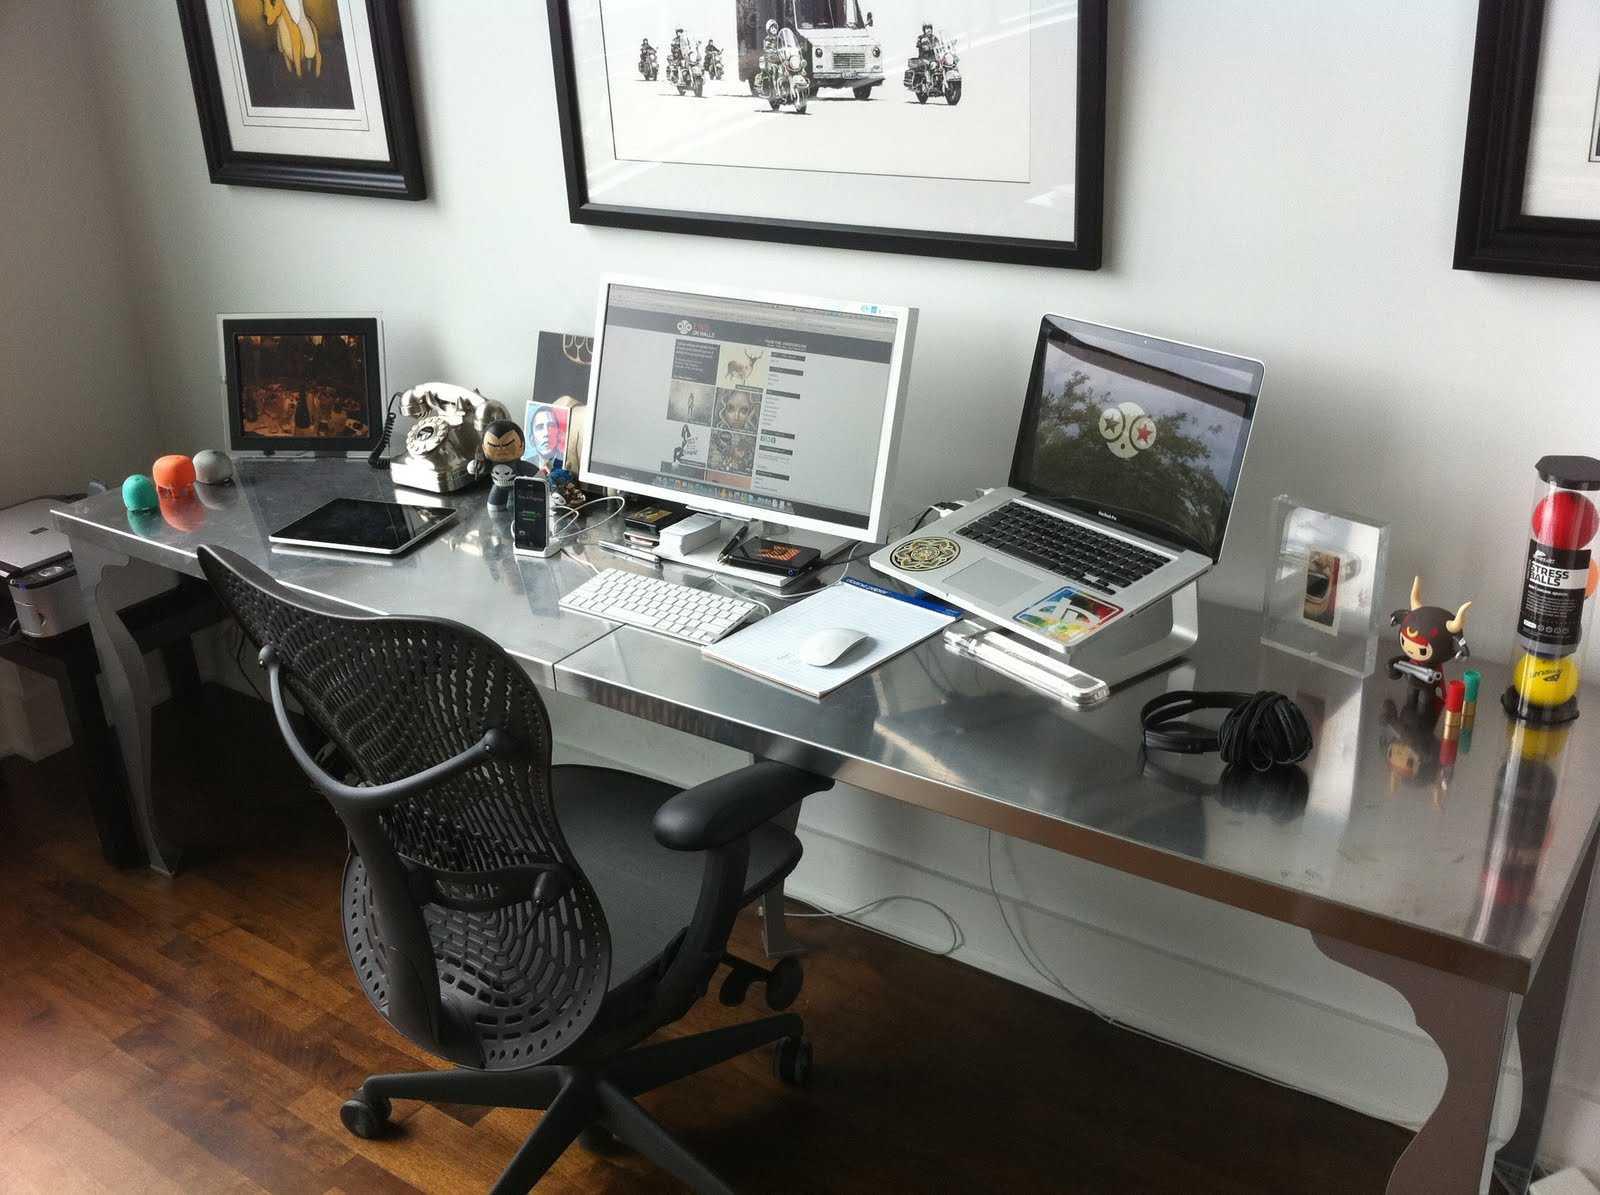 High Quality Você Já Parou Para Pensar Na Possibilidade De Trabalhar Em Home Office.